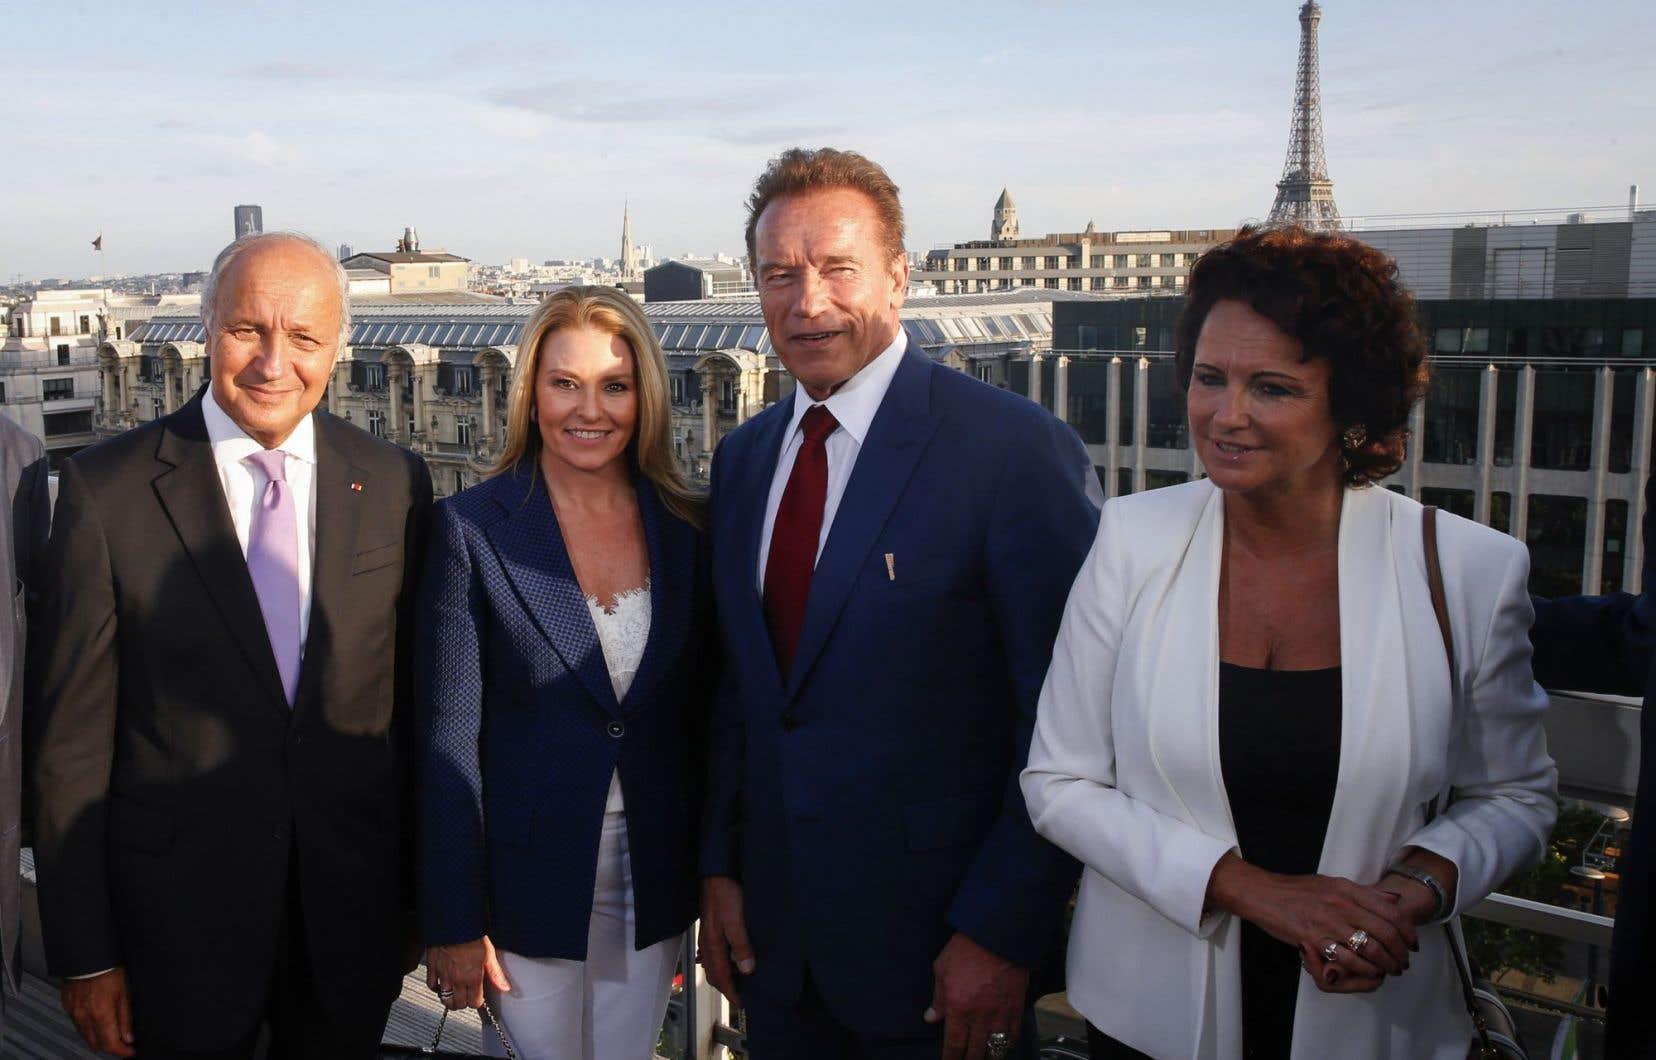 Plusieurs personnalités sont présentes, dont l'acteur américain et fondateur du groupe d'action climatique R20, Arnold Schwarzenegger.